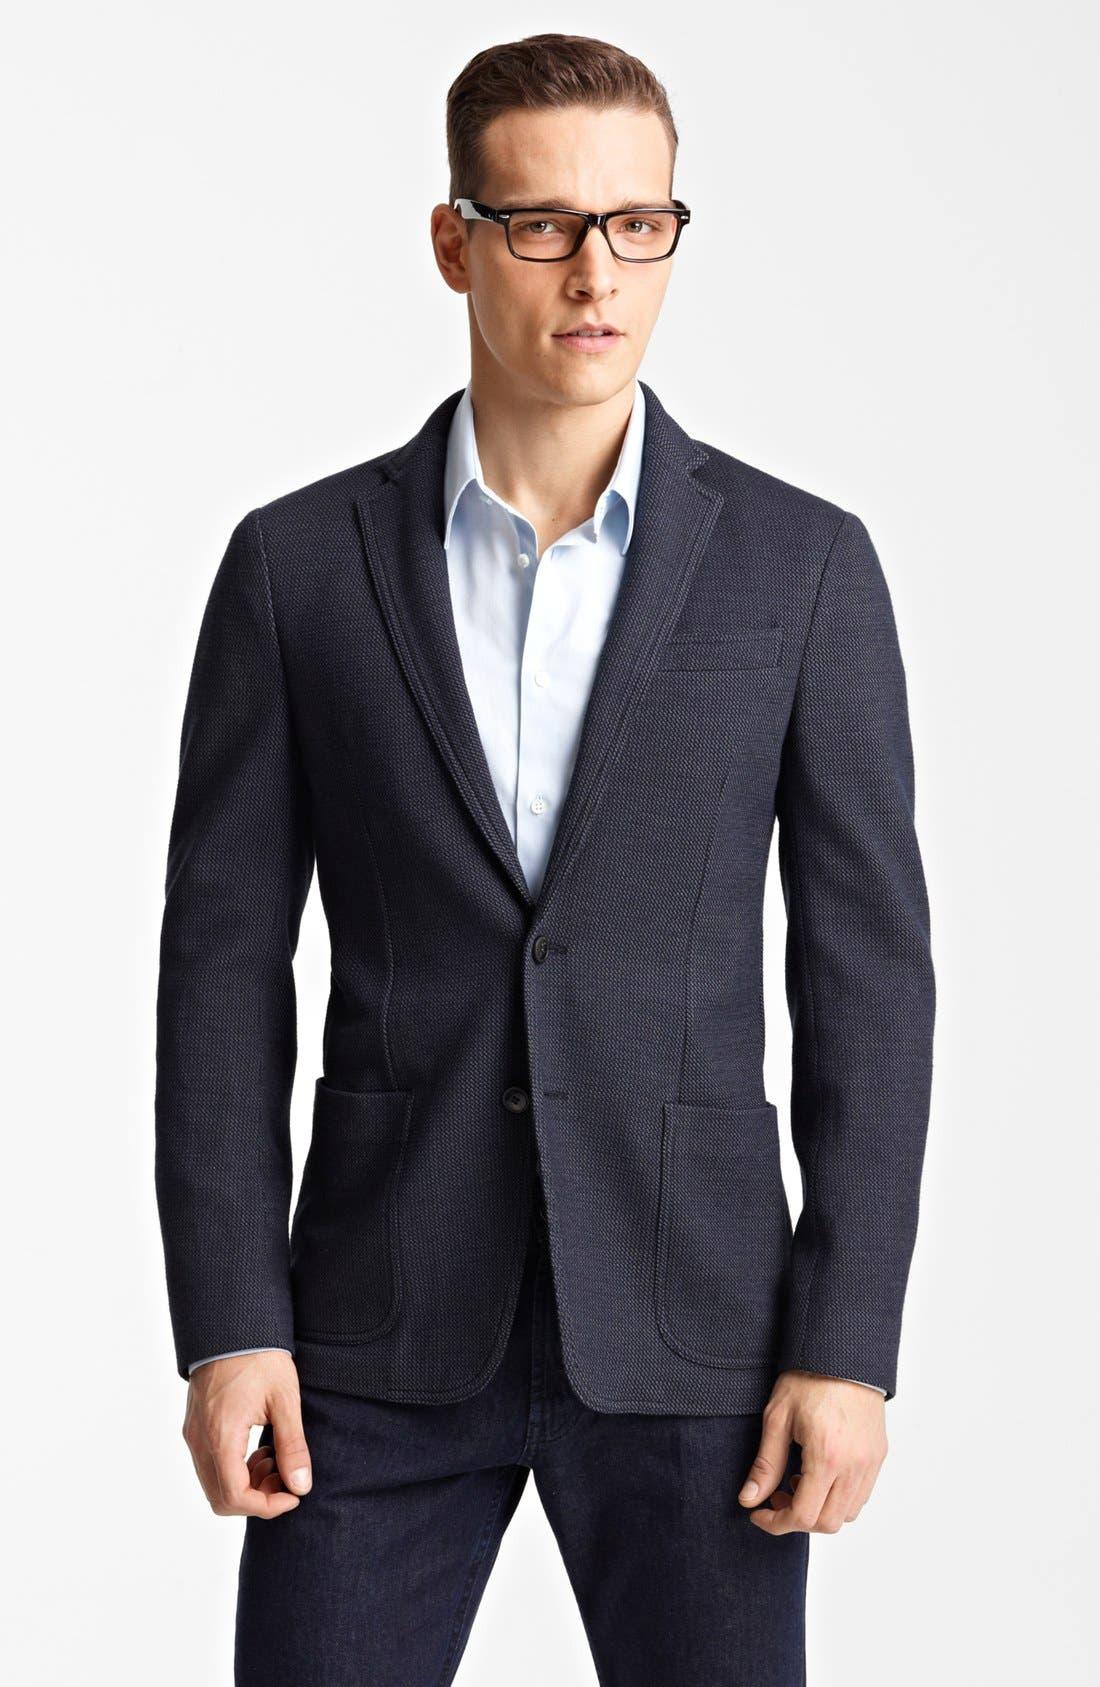 Main Image - Armani Collezioni 'Linea' Tic Weave Sportcoat